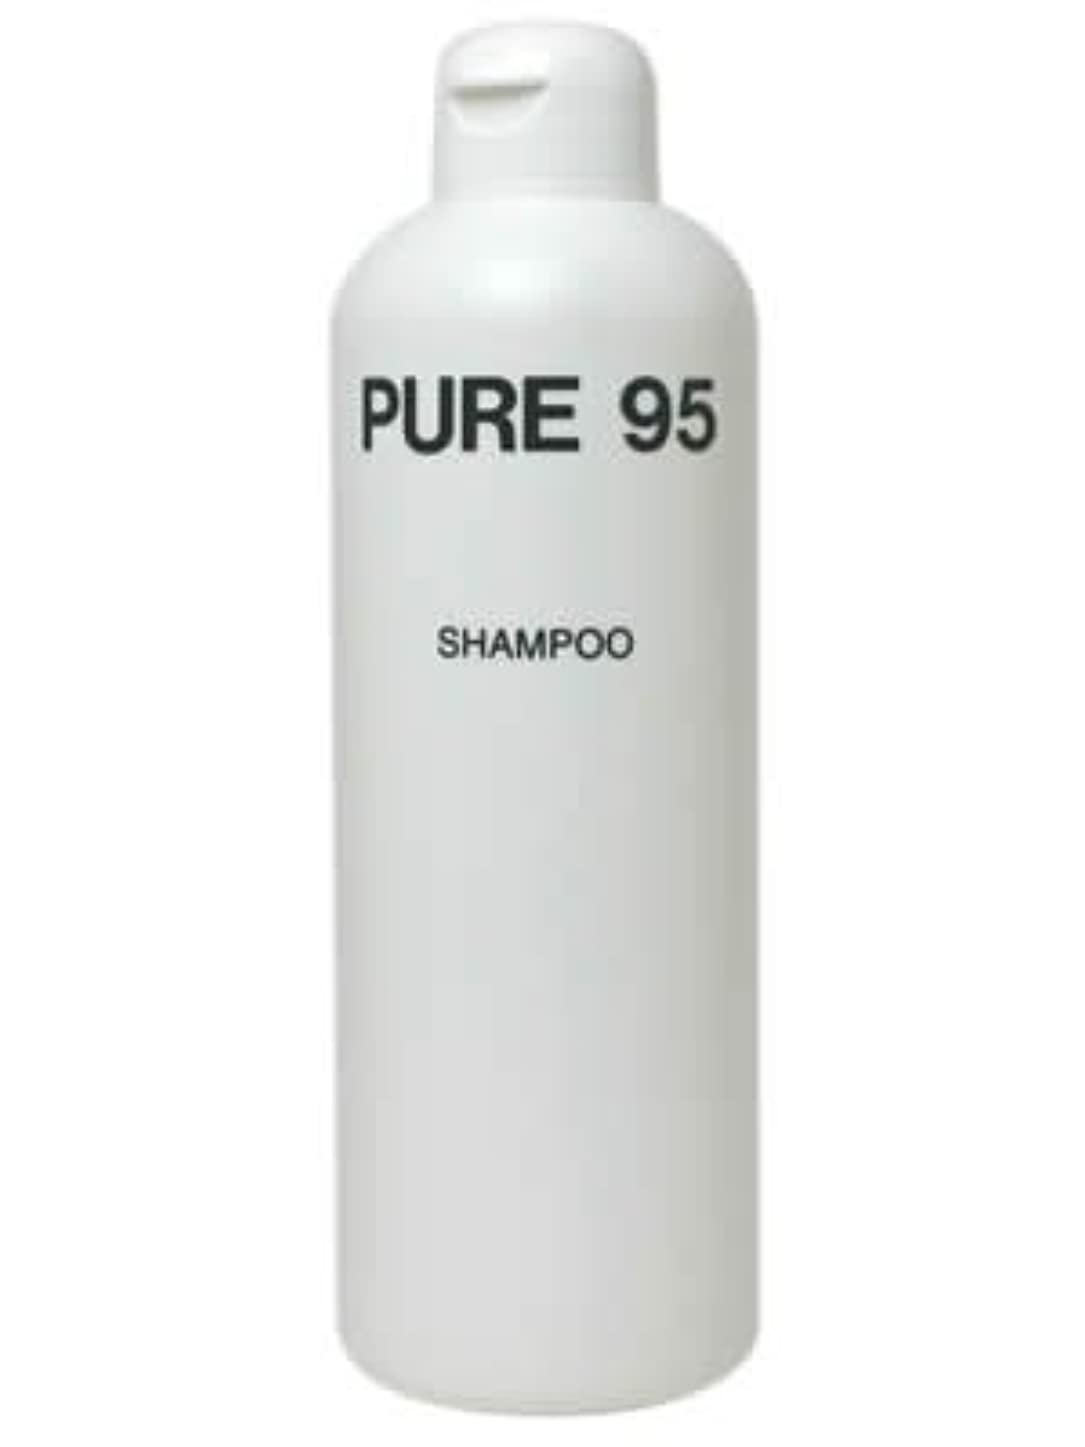 クモご予約温度計バーミングジャパン PURE95 シャンプー 400ml